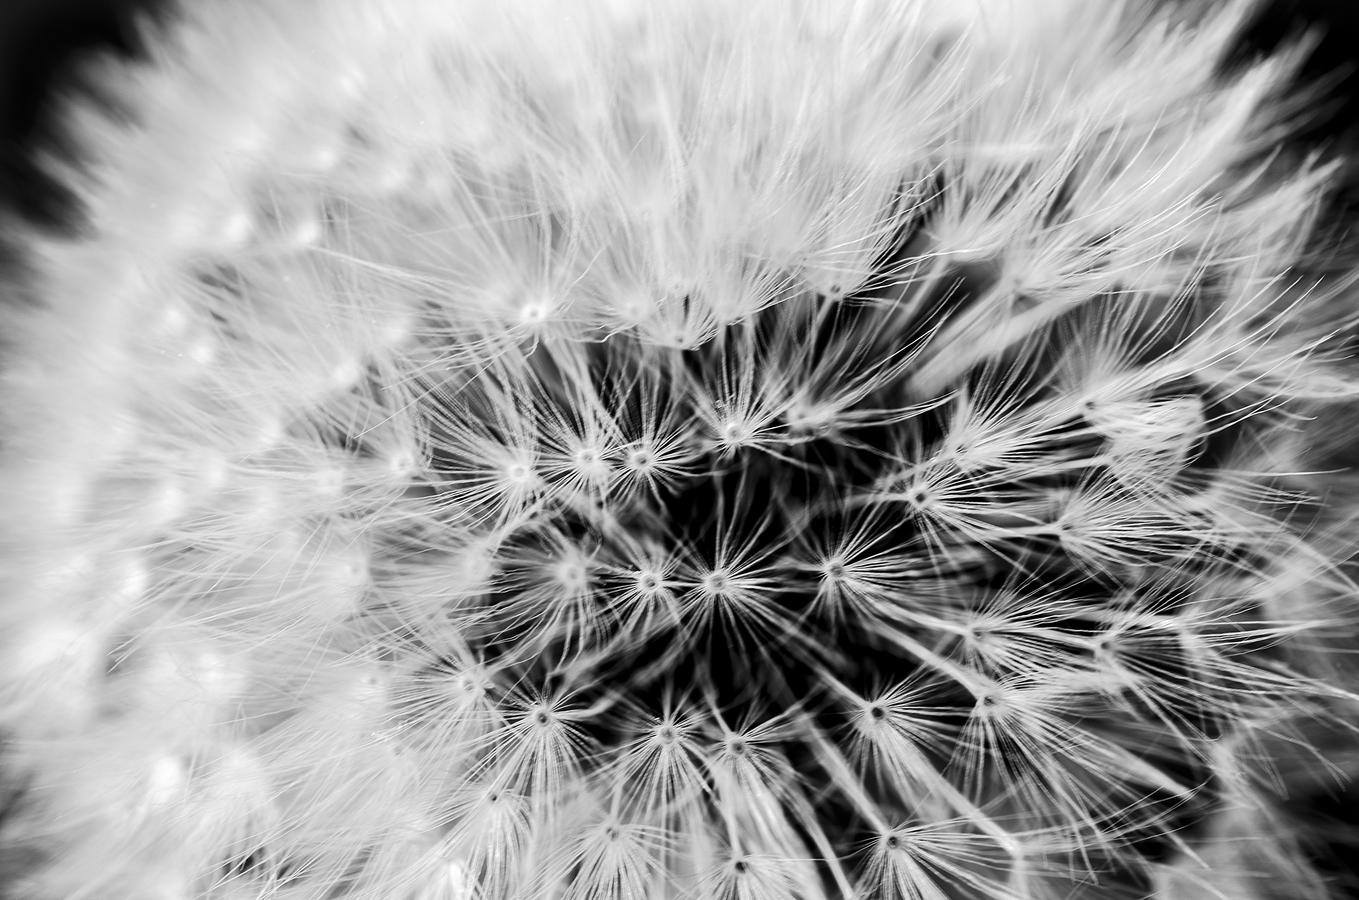 Černobílý pohled Pampelišky